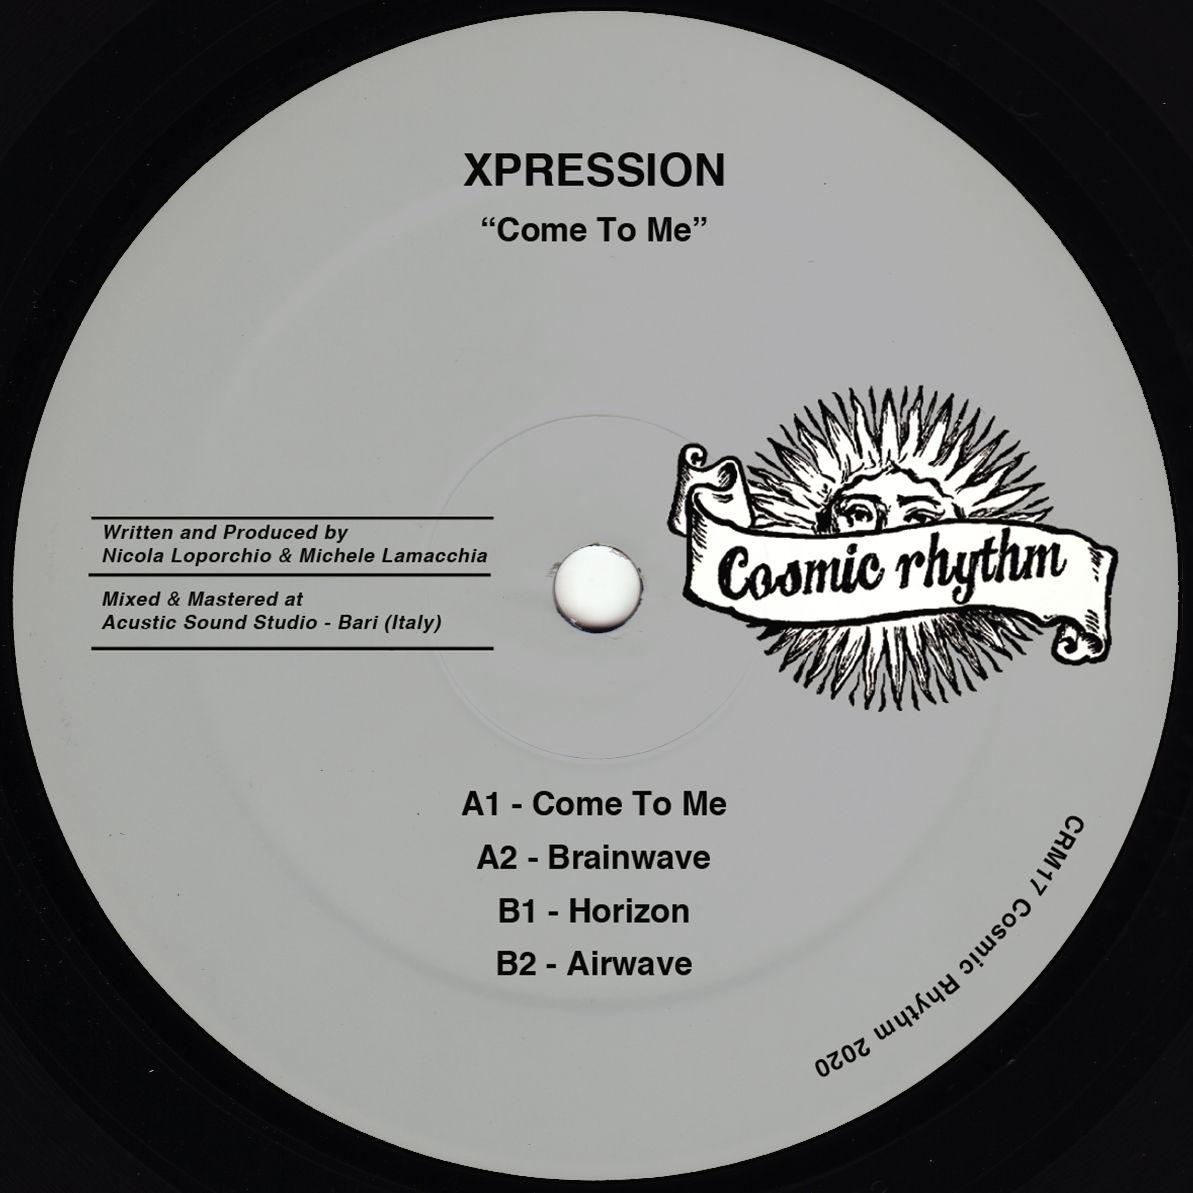 XPRESSION - Come To Me